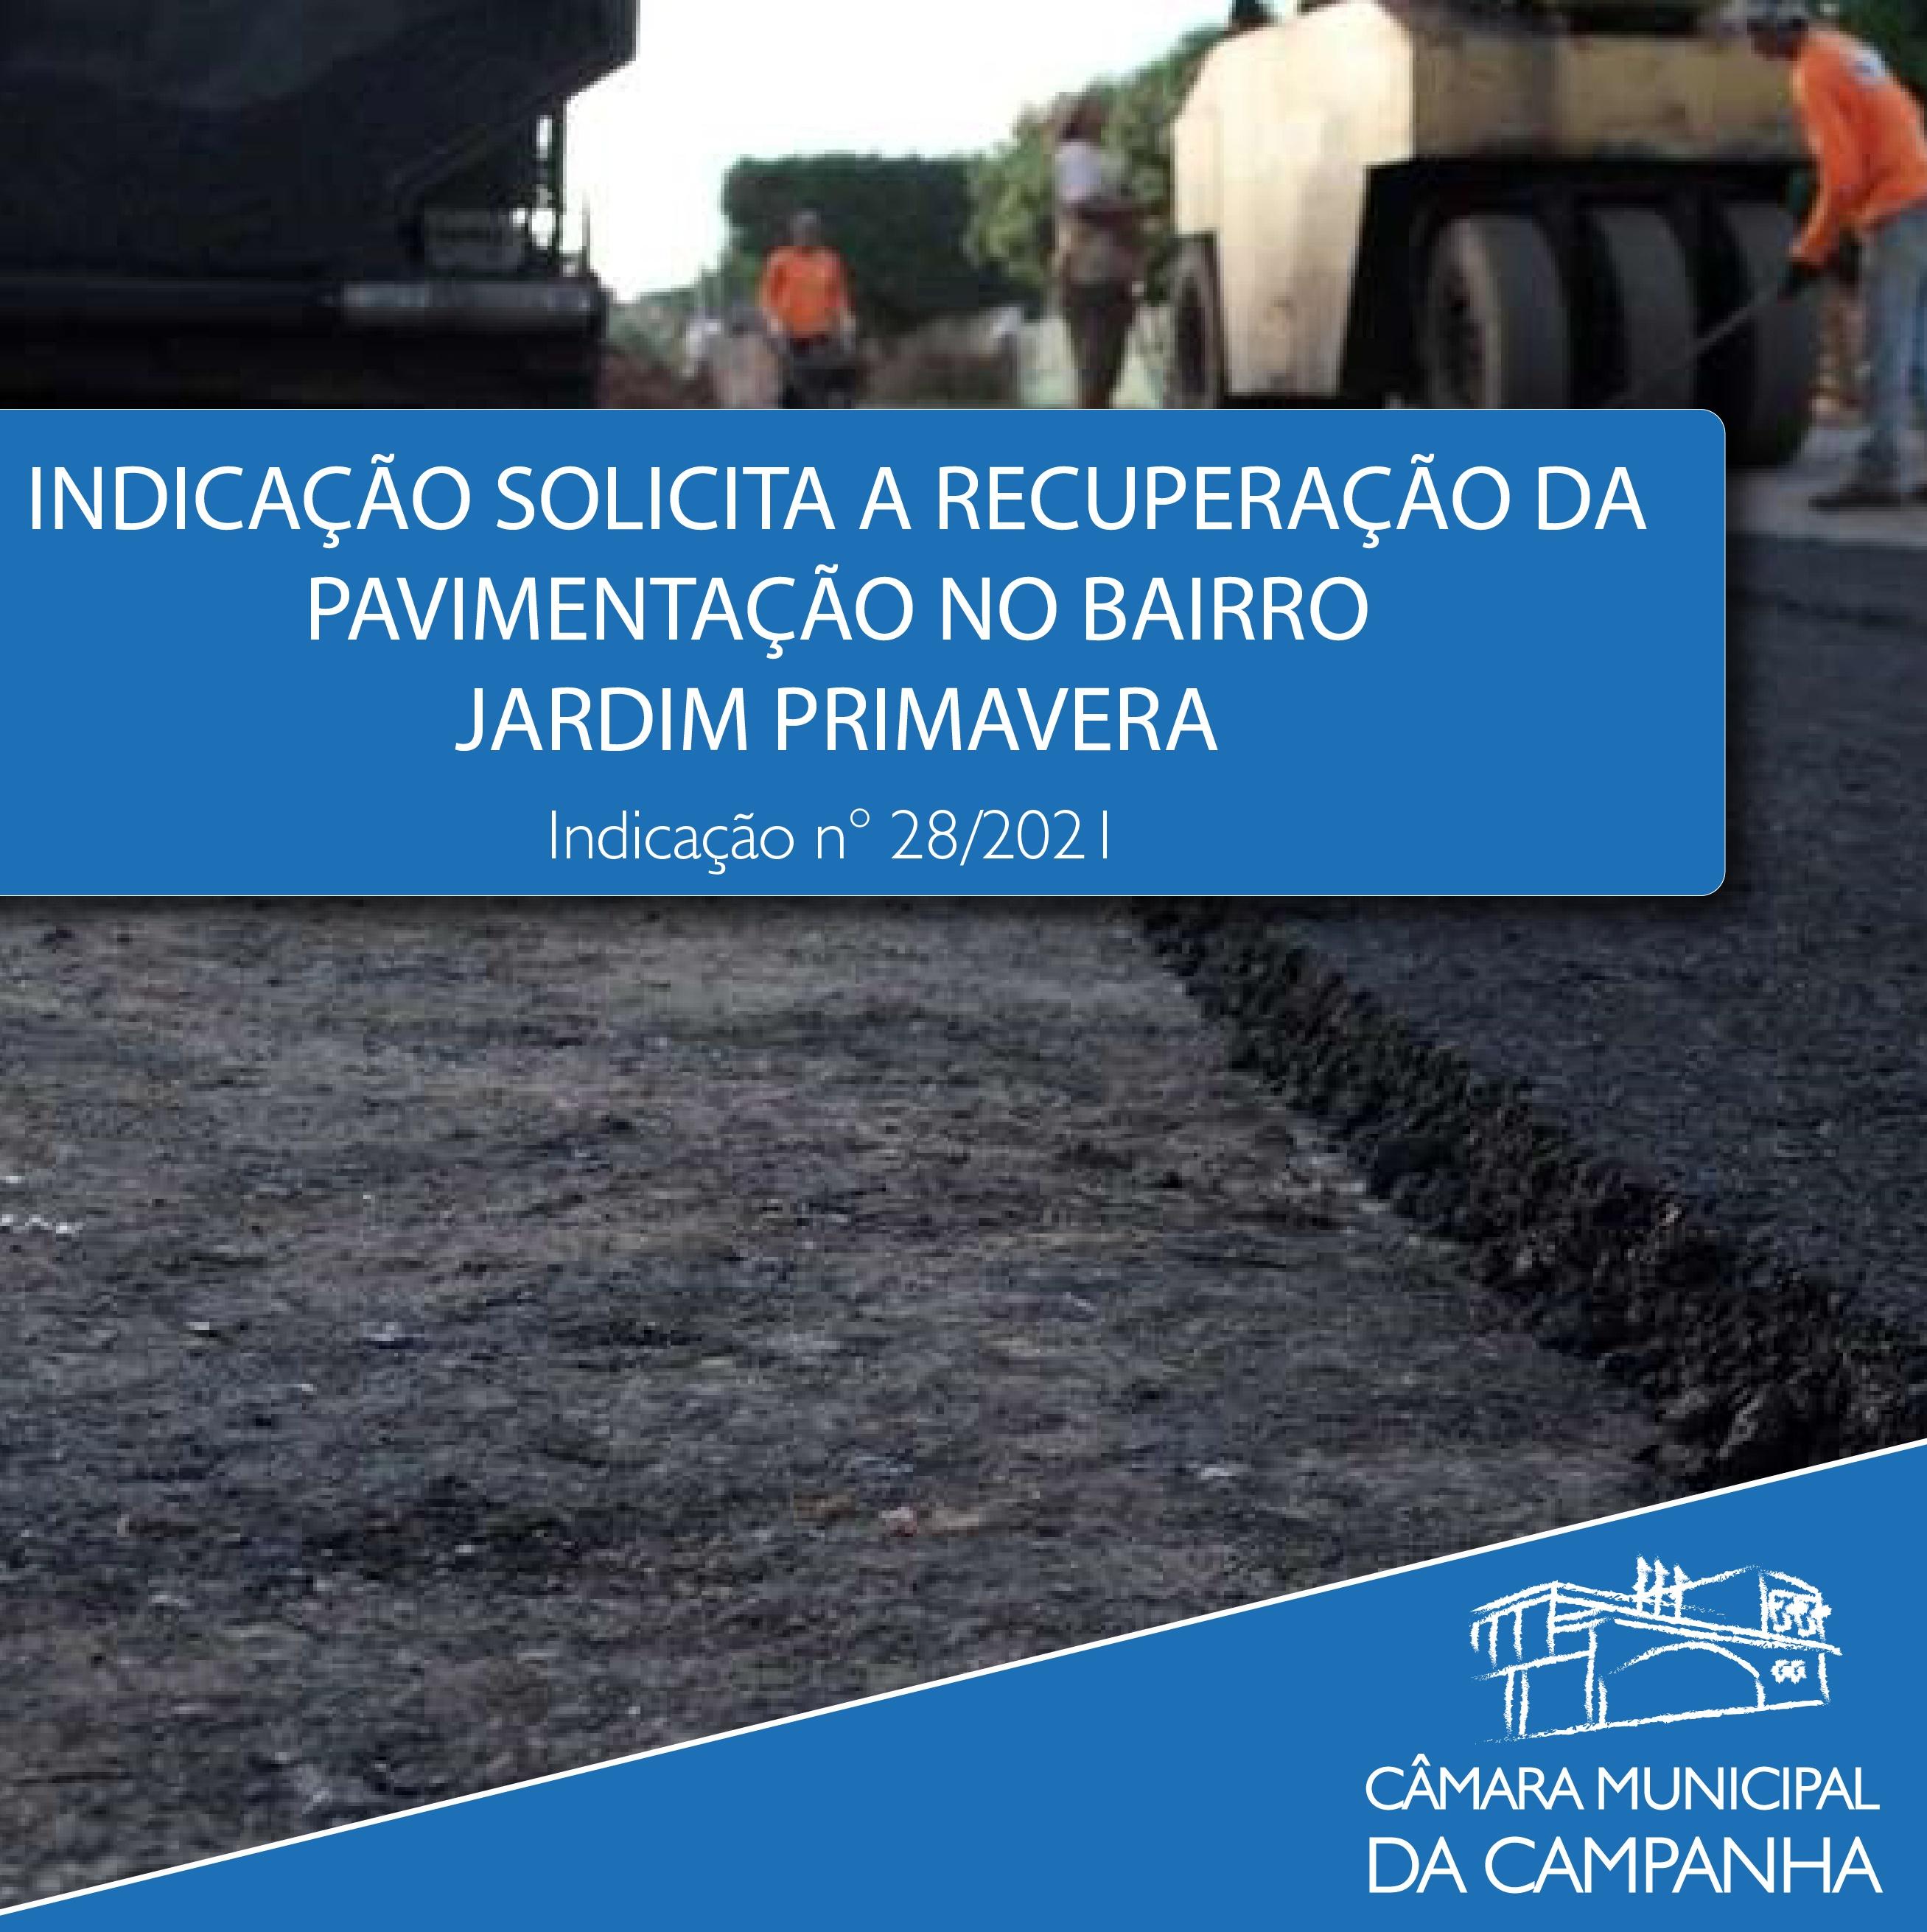 Indicação solicita a pavimentação do Bairro Jardim Primavera